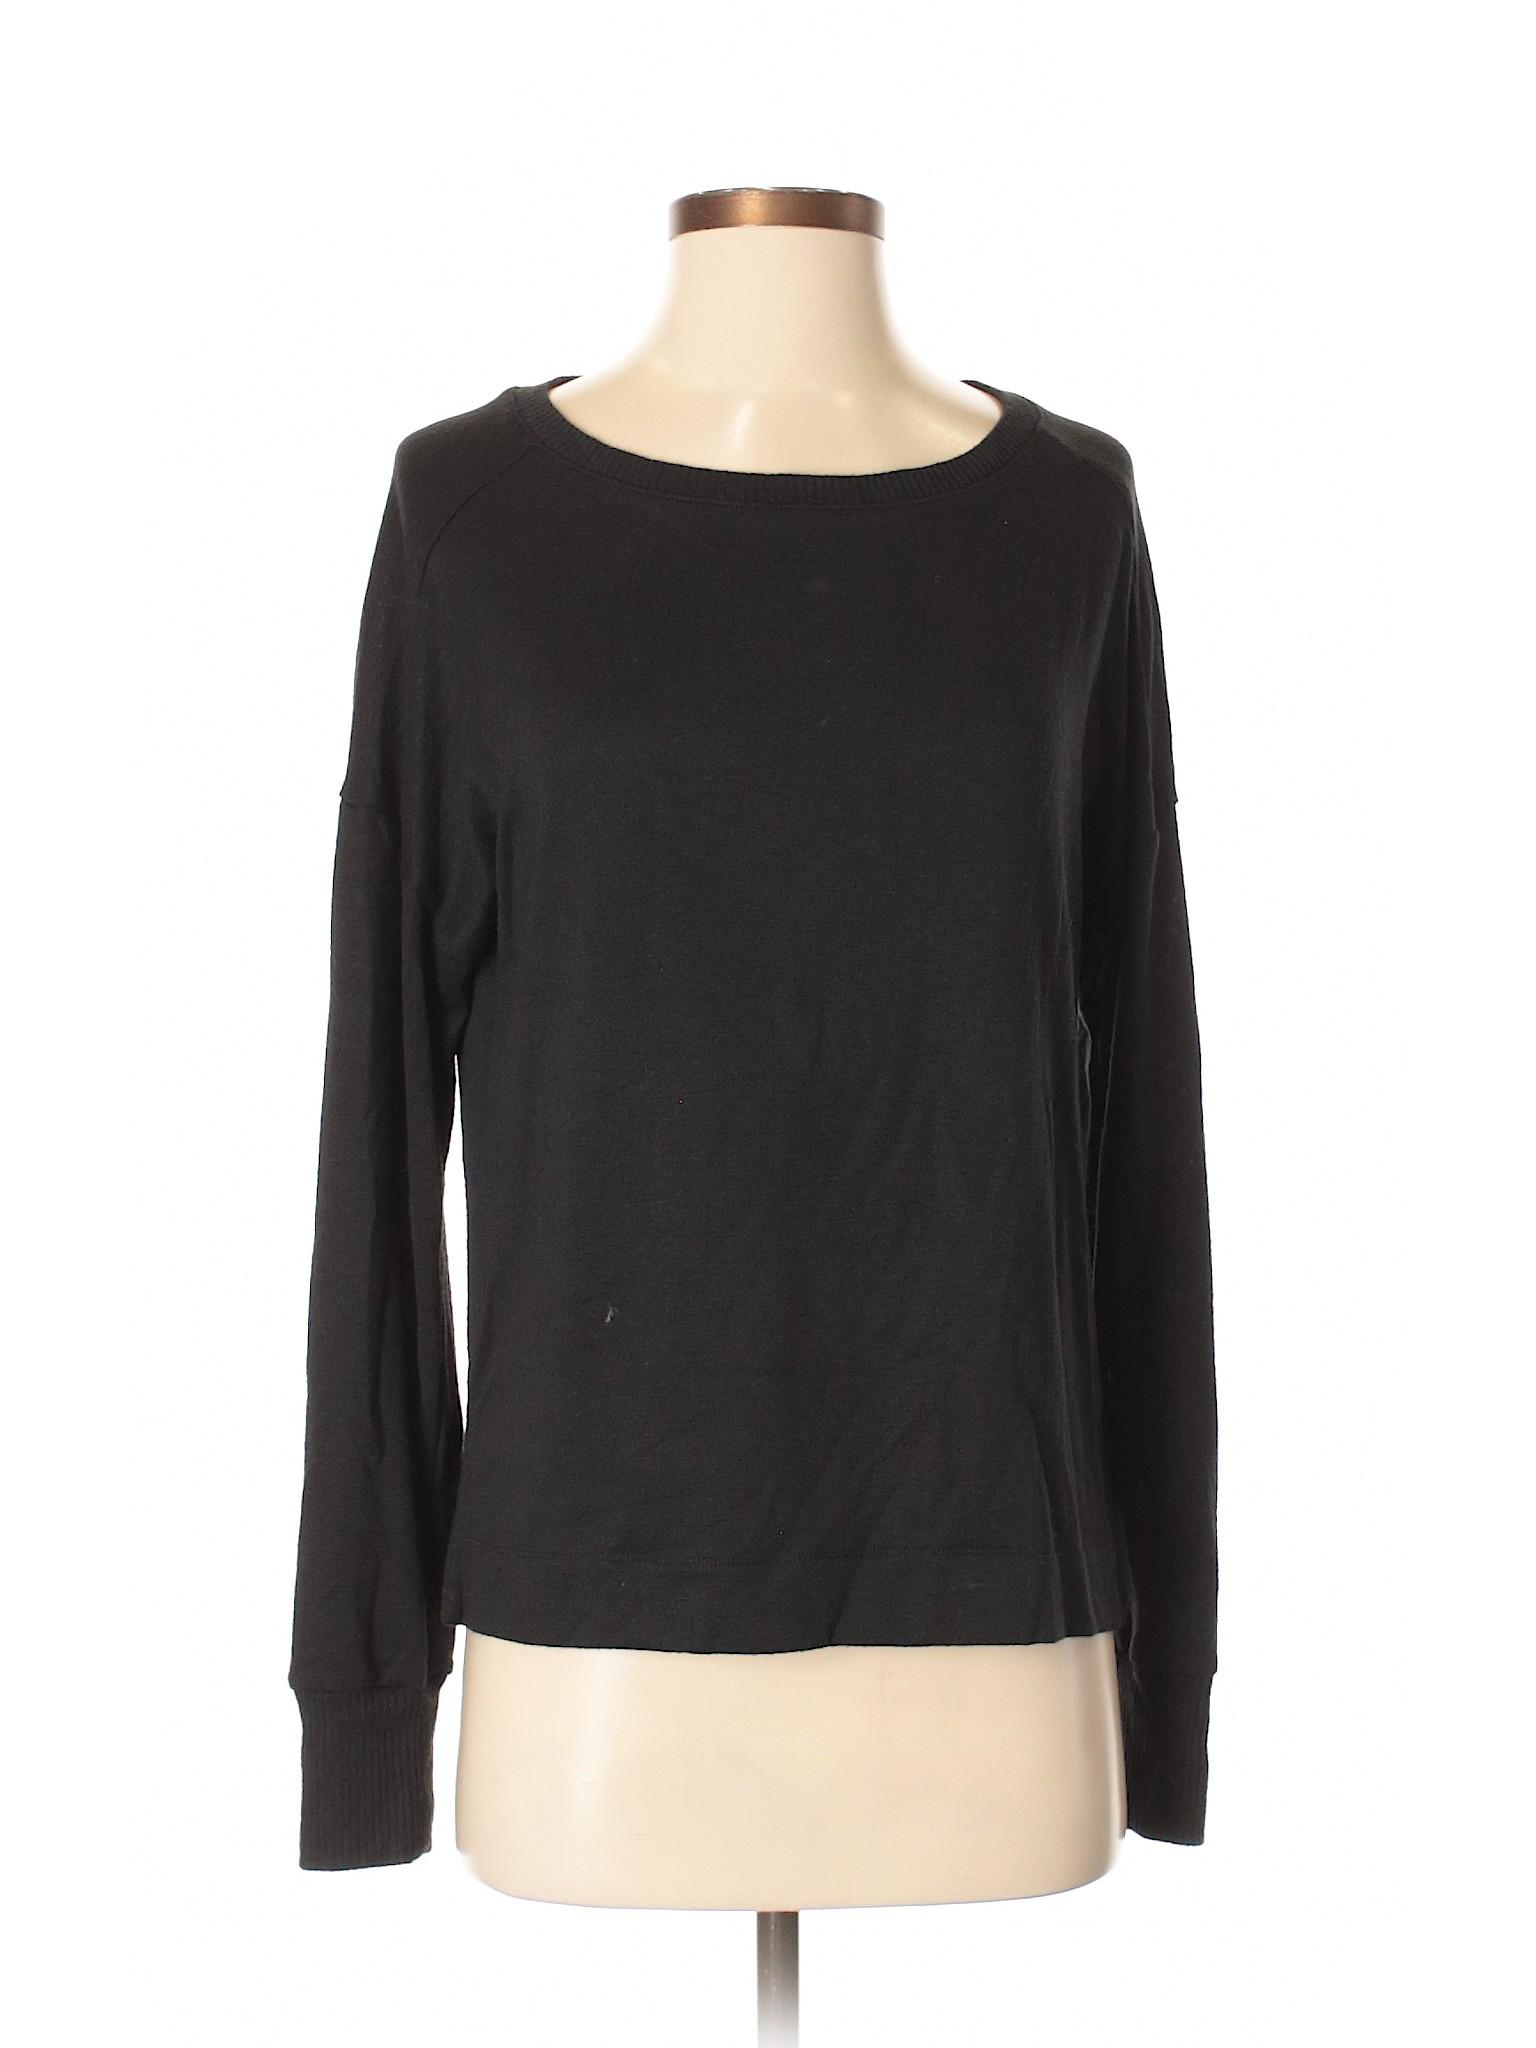 Sweater Boutique Boutique winter Gap Boutique Gap Sweater Pullover Gap winter Pullover Sweater Boutique winter Pullover R66wCSq